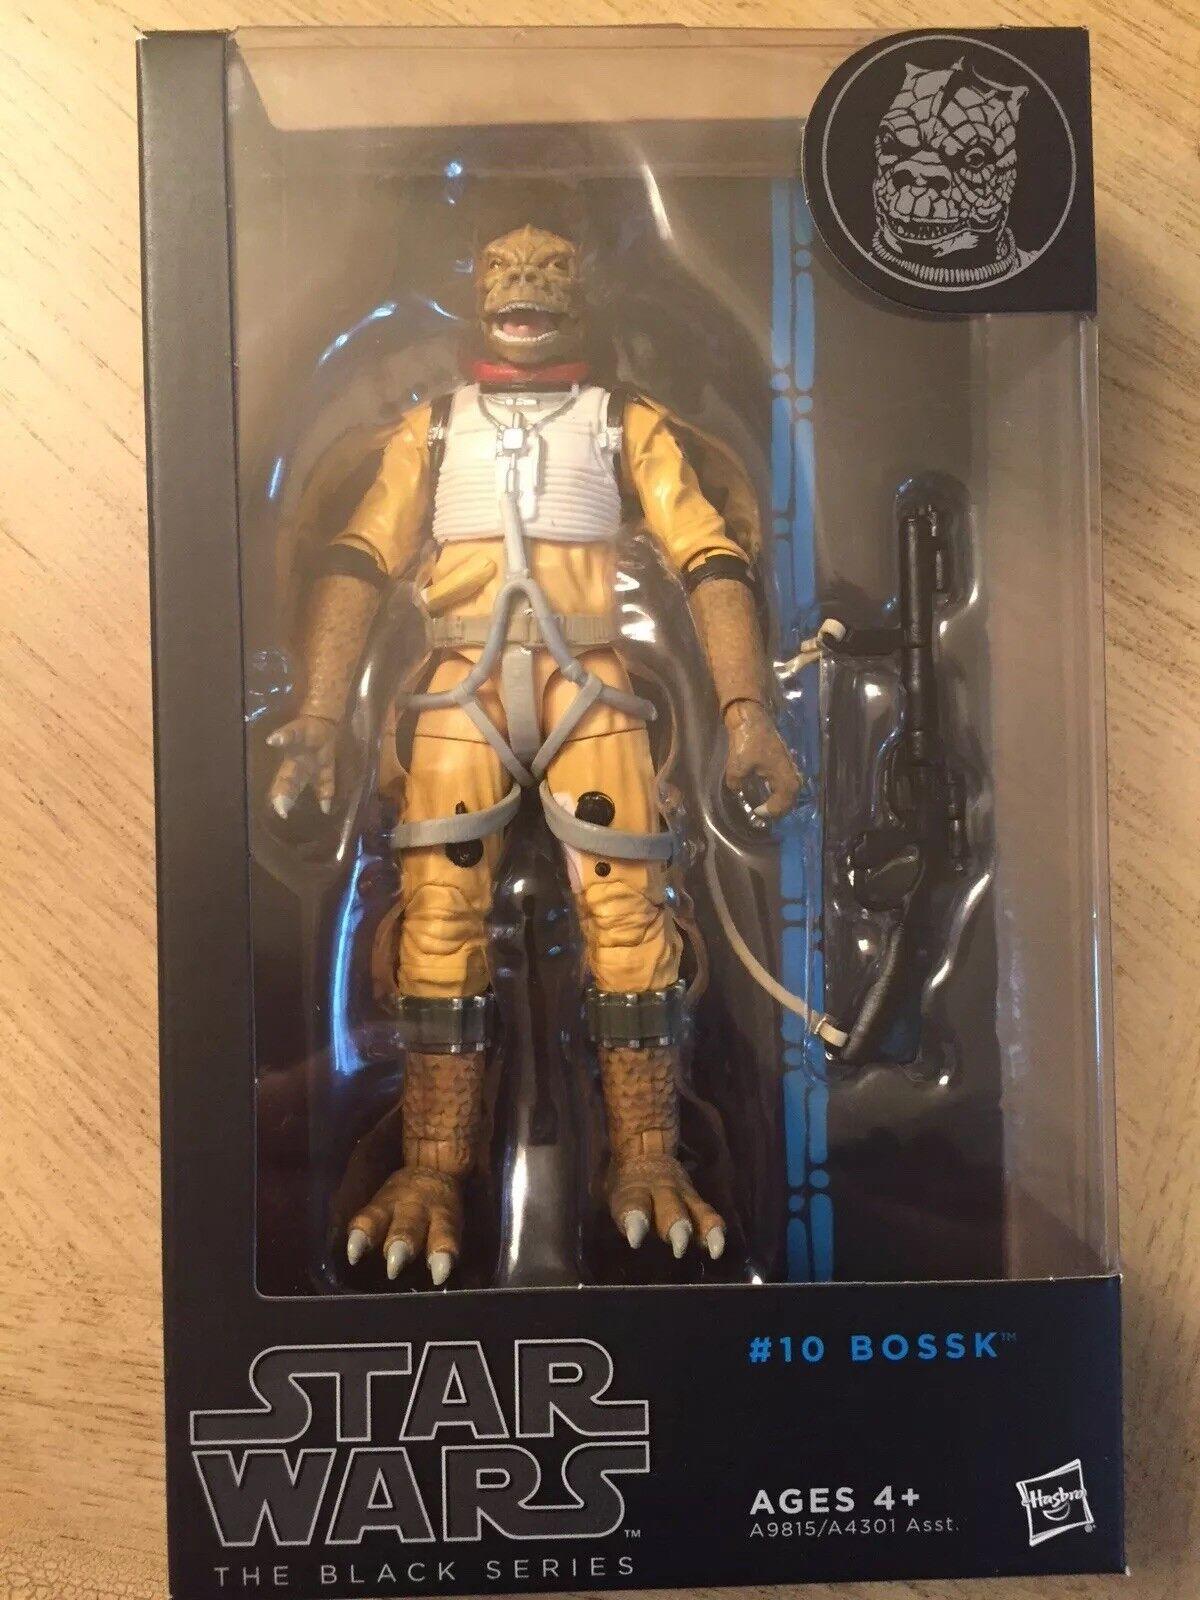 Guerra De Las Galaxias La Serie Negra Nº 10 Bossk 6  pulgadas figura de acción juguete nuevo menta en caja Bossk